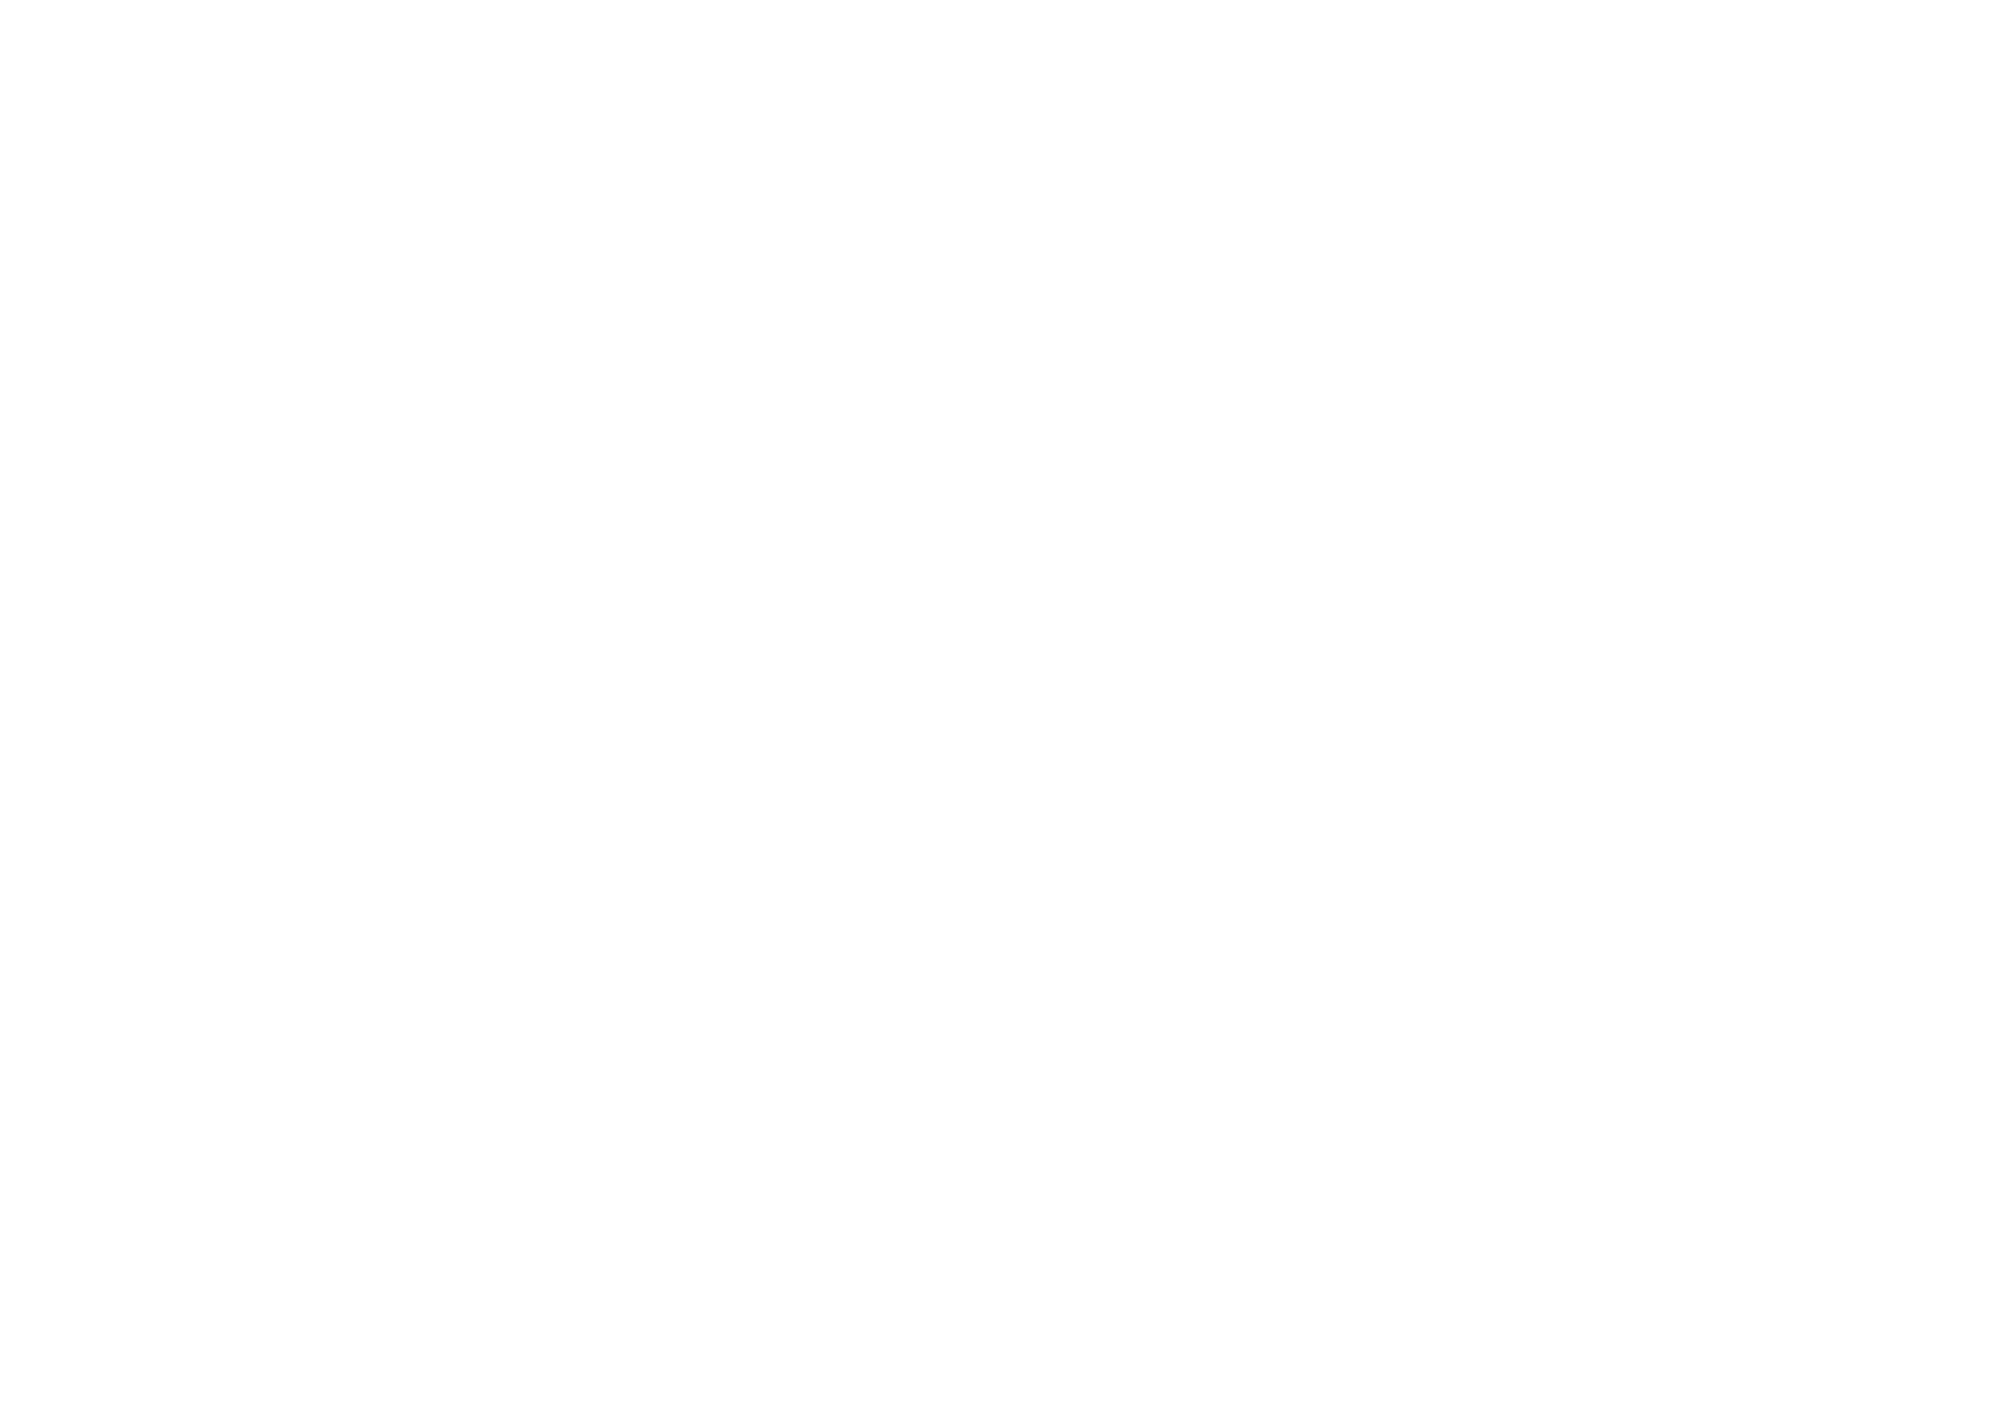 Fcc Logo Png Transparent Background Ce Logo Png.